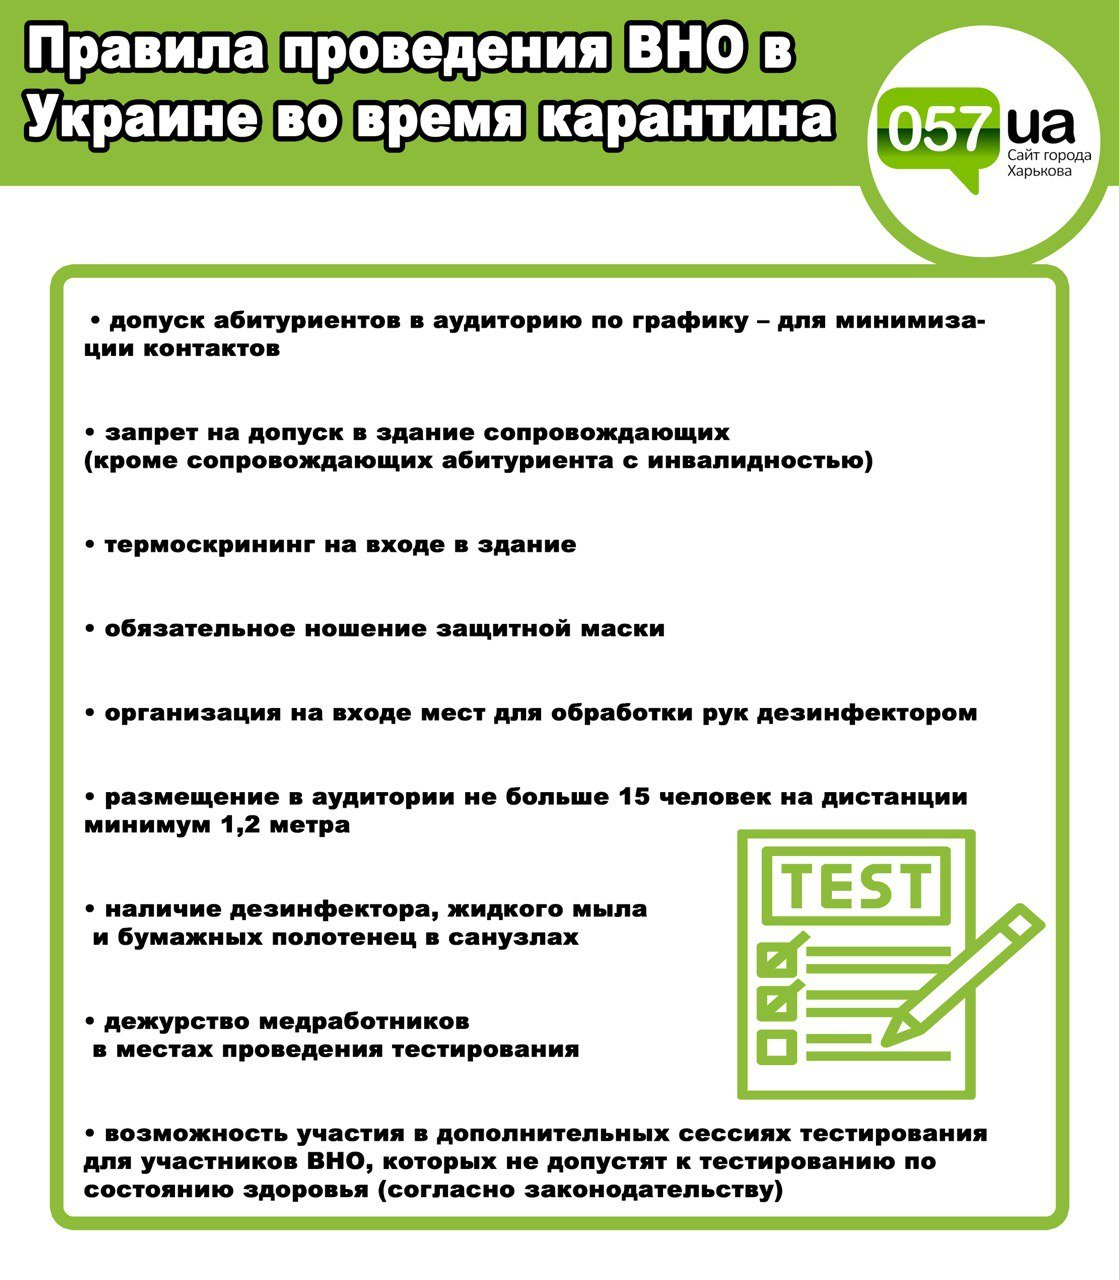 ВНО-2020: в Минздраве озвучили правила проведения тестирования, - ИНФОГРАФИКА, фото-1